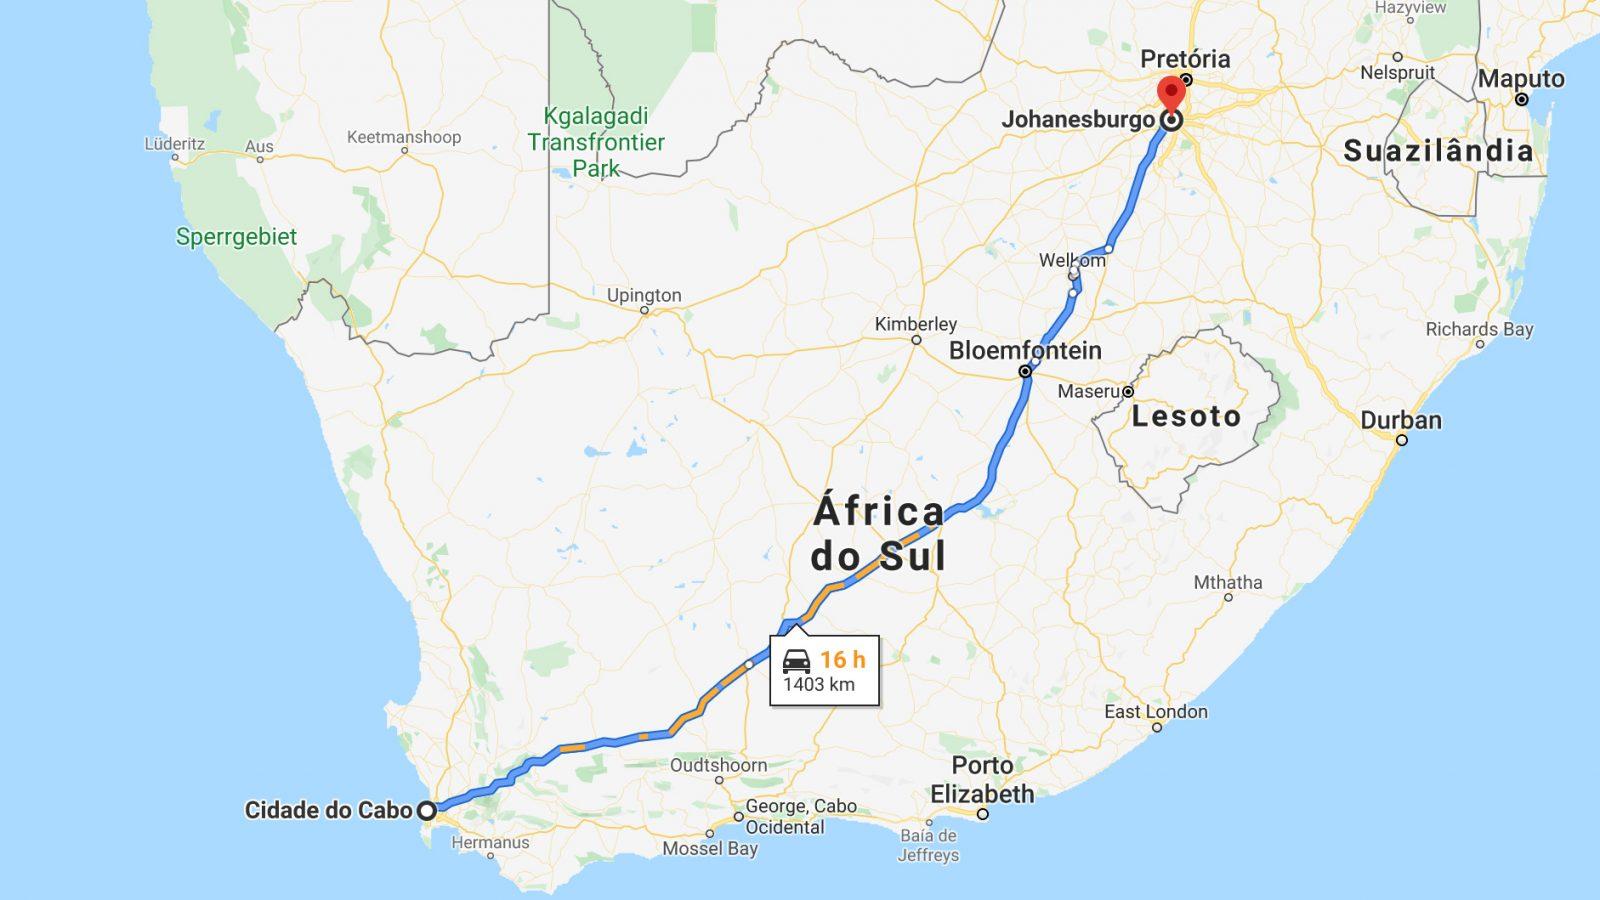 Mapa do trajeto da Cidade do Cabo a Joanesburgo, África do Sul